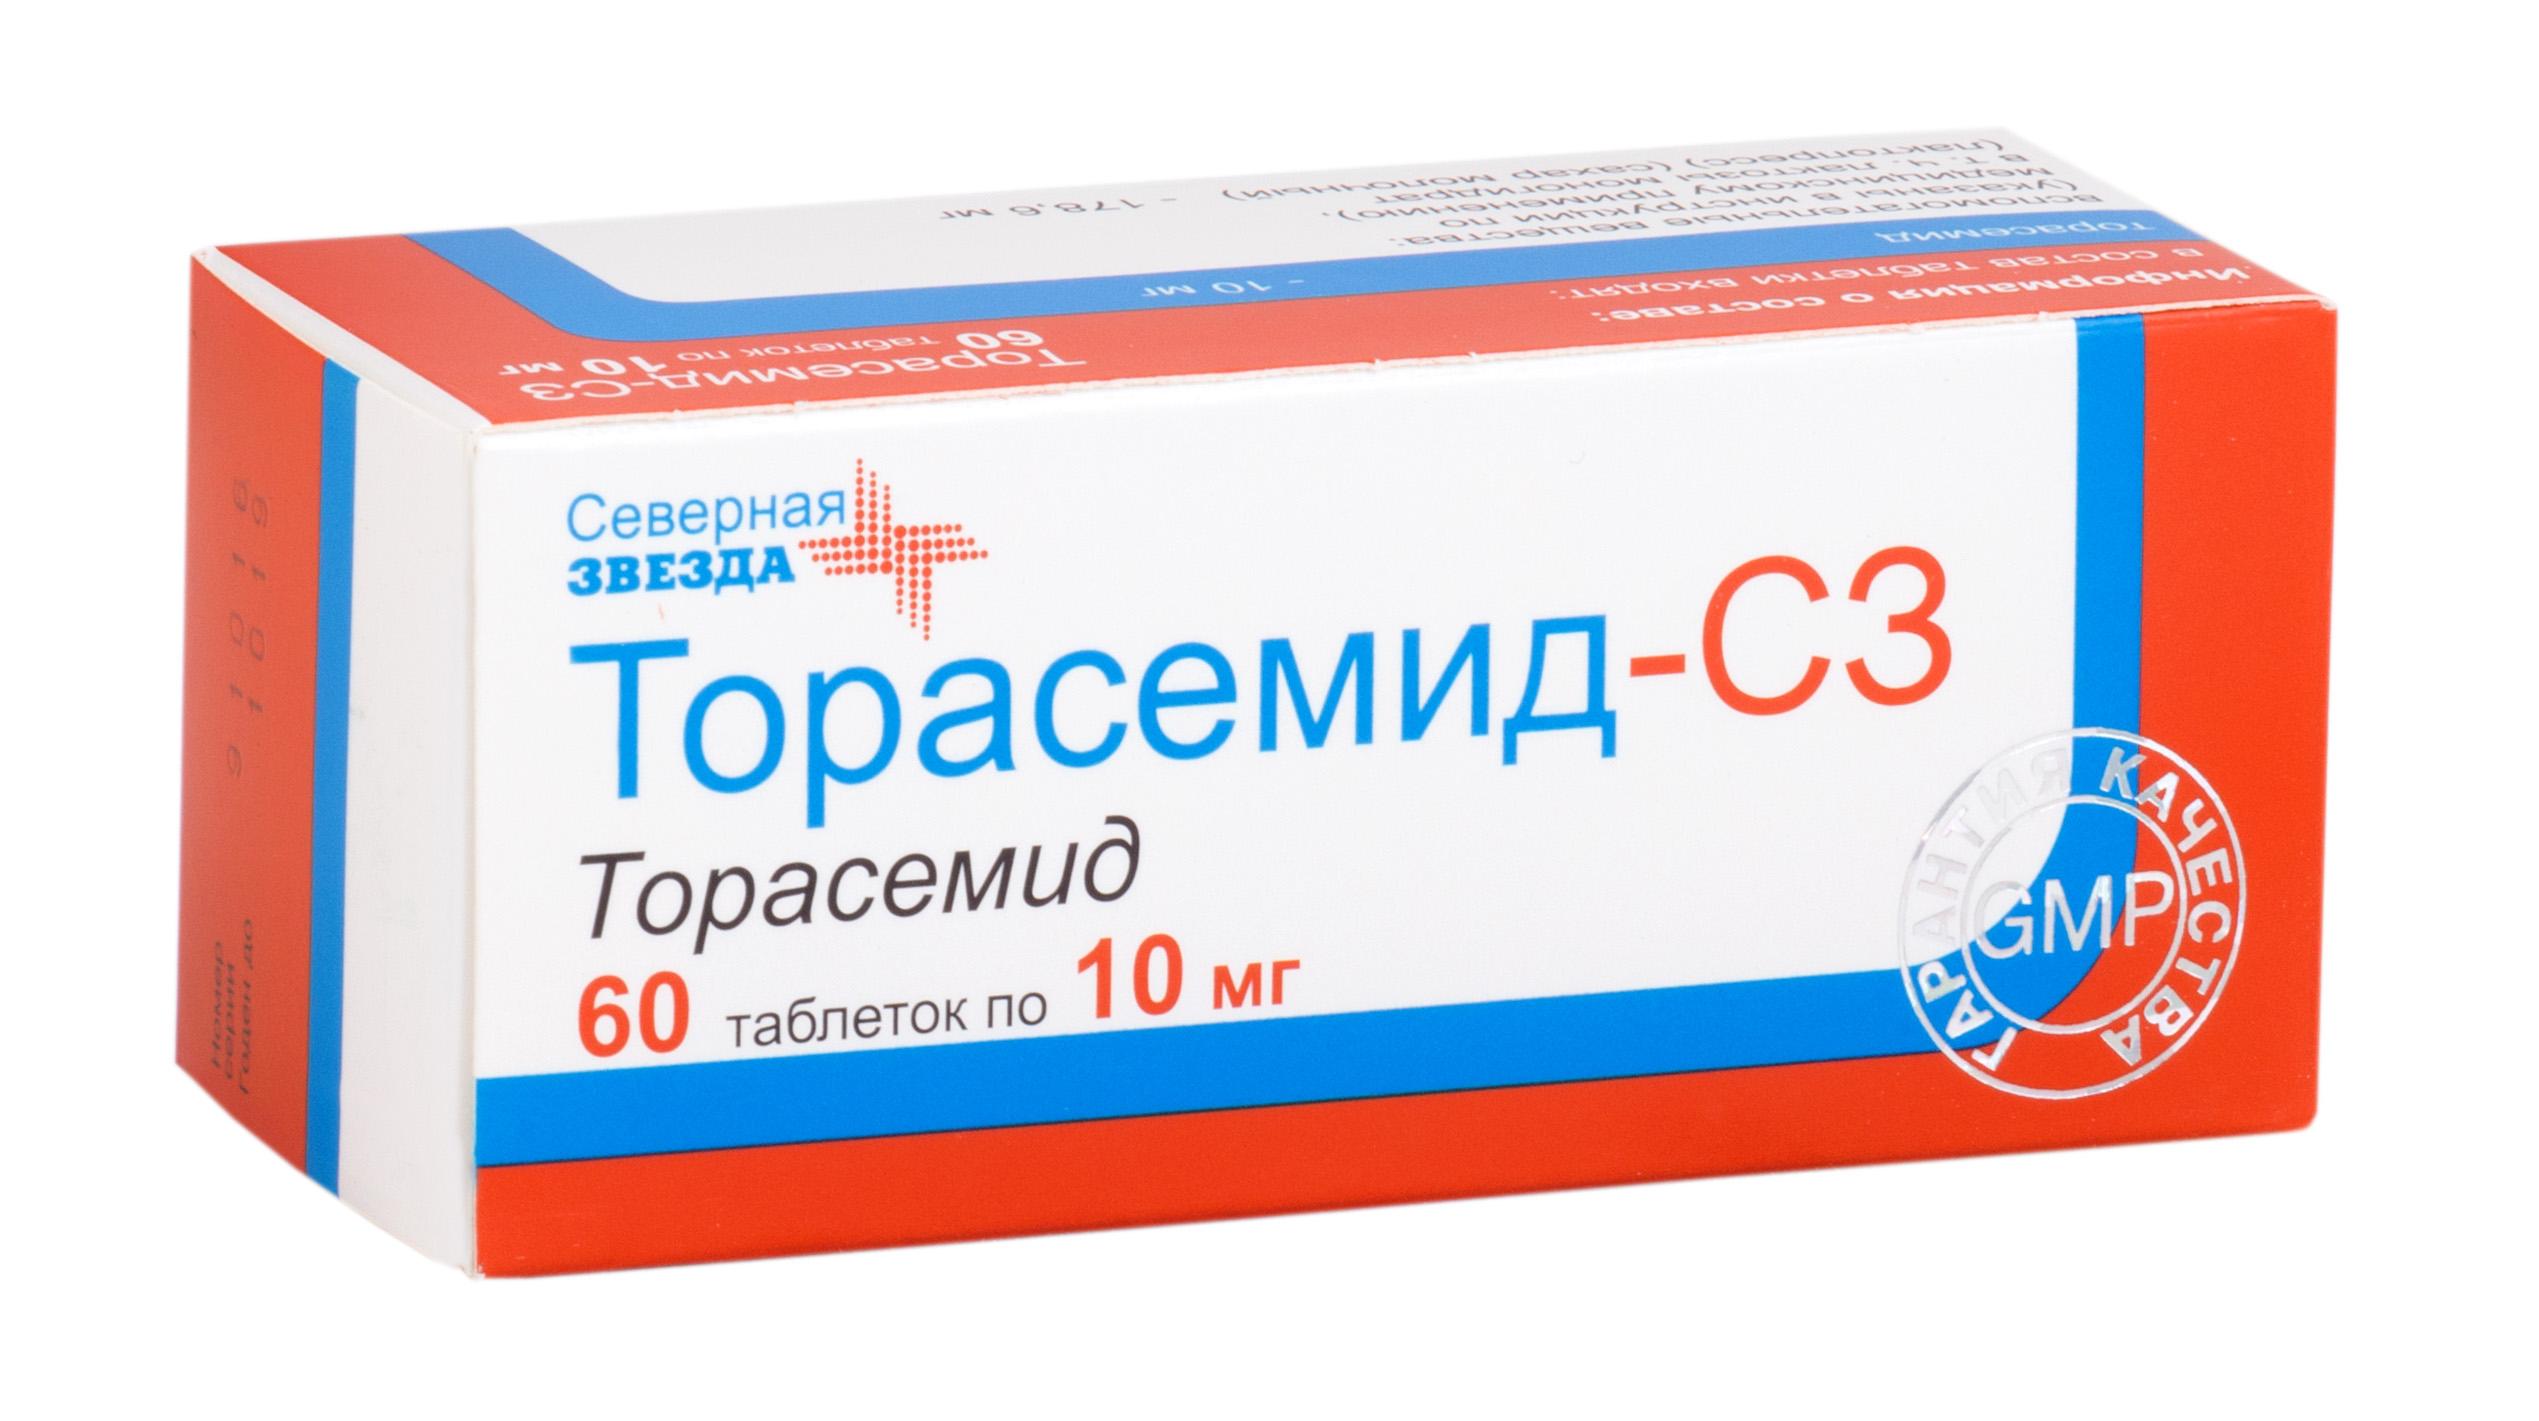 Торасемид-сз таб. 10мг n60